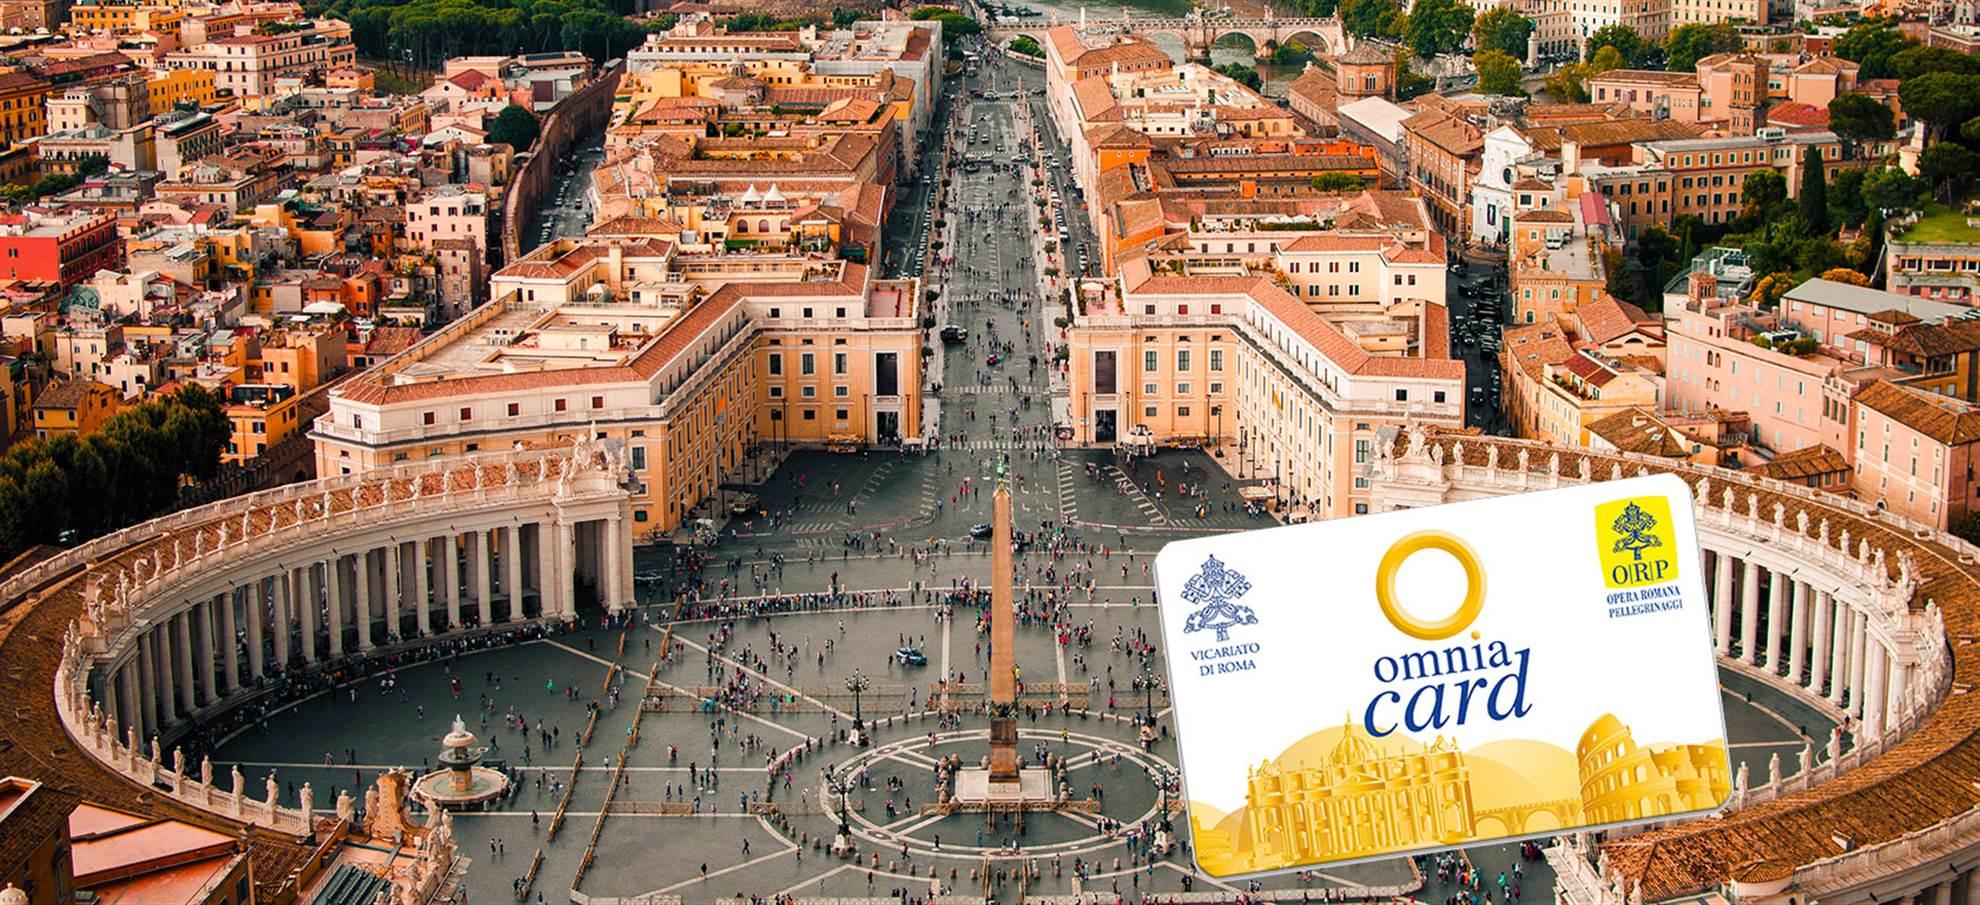 Omnia kaart voor Rome & Vaticaanstad